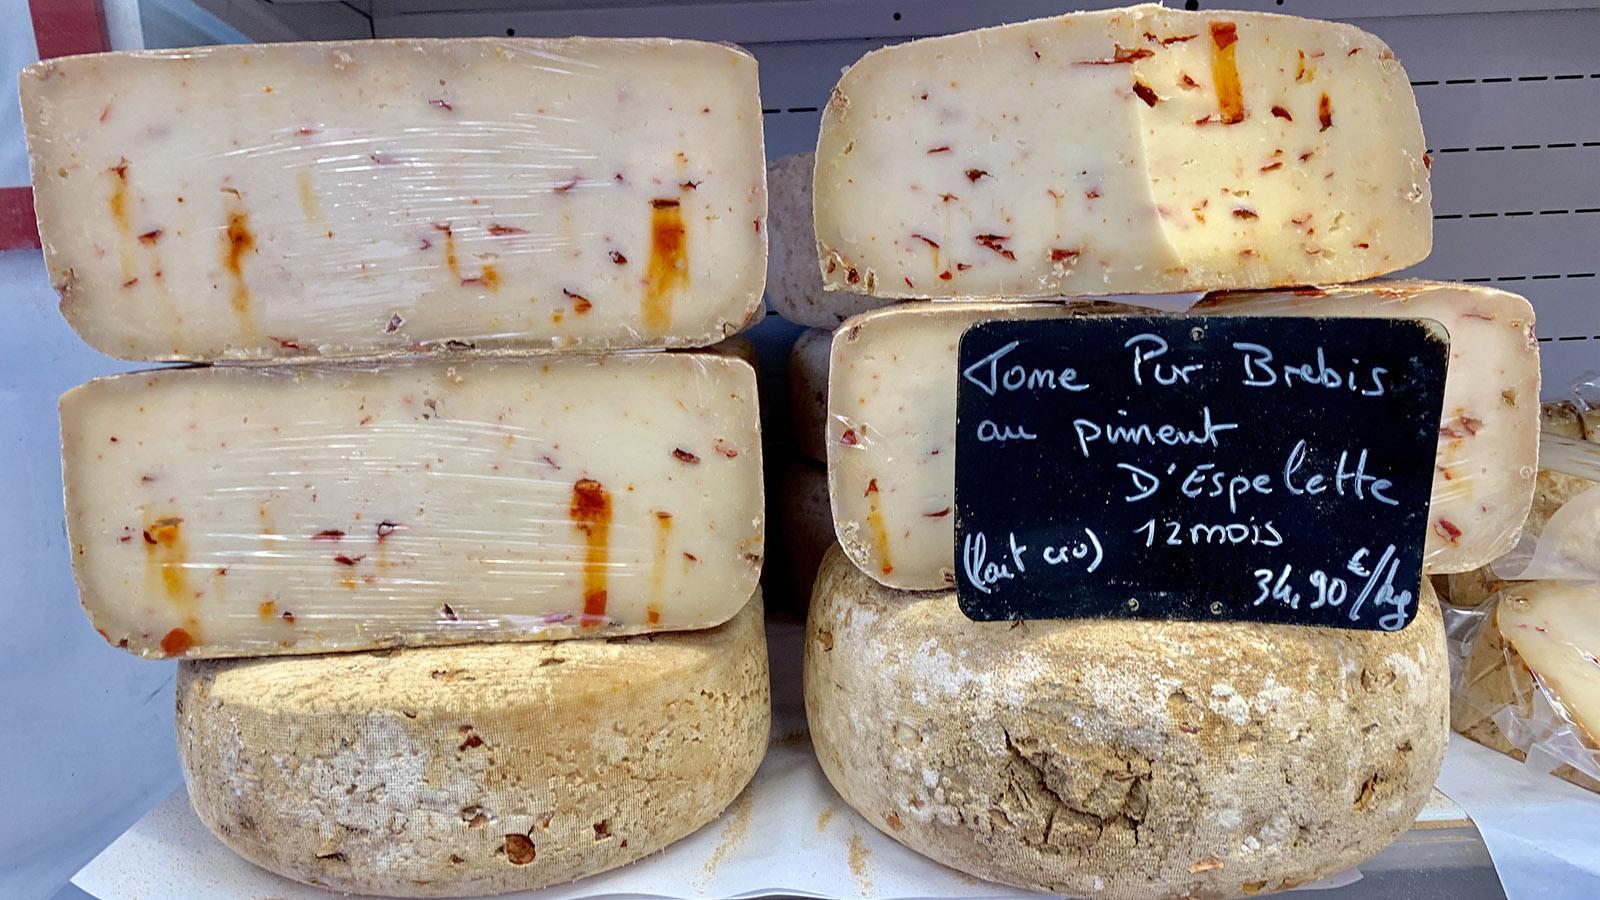 Herzhafter Schafskäse erhält durch den Piment d'Espelette eine pikante Note. Foto: Hilke Maunder